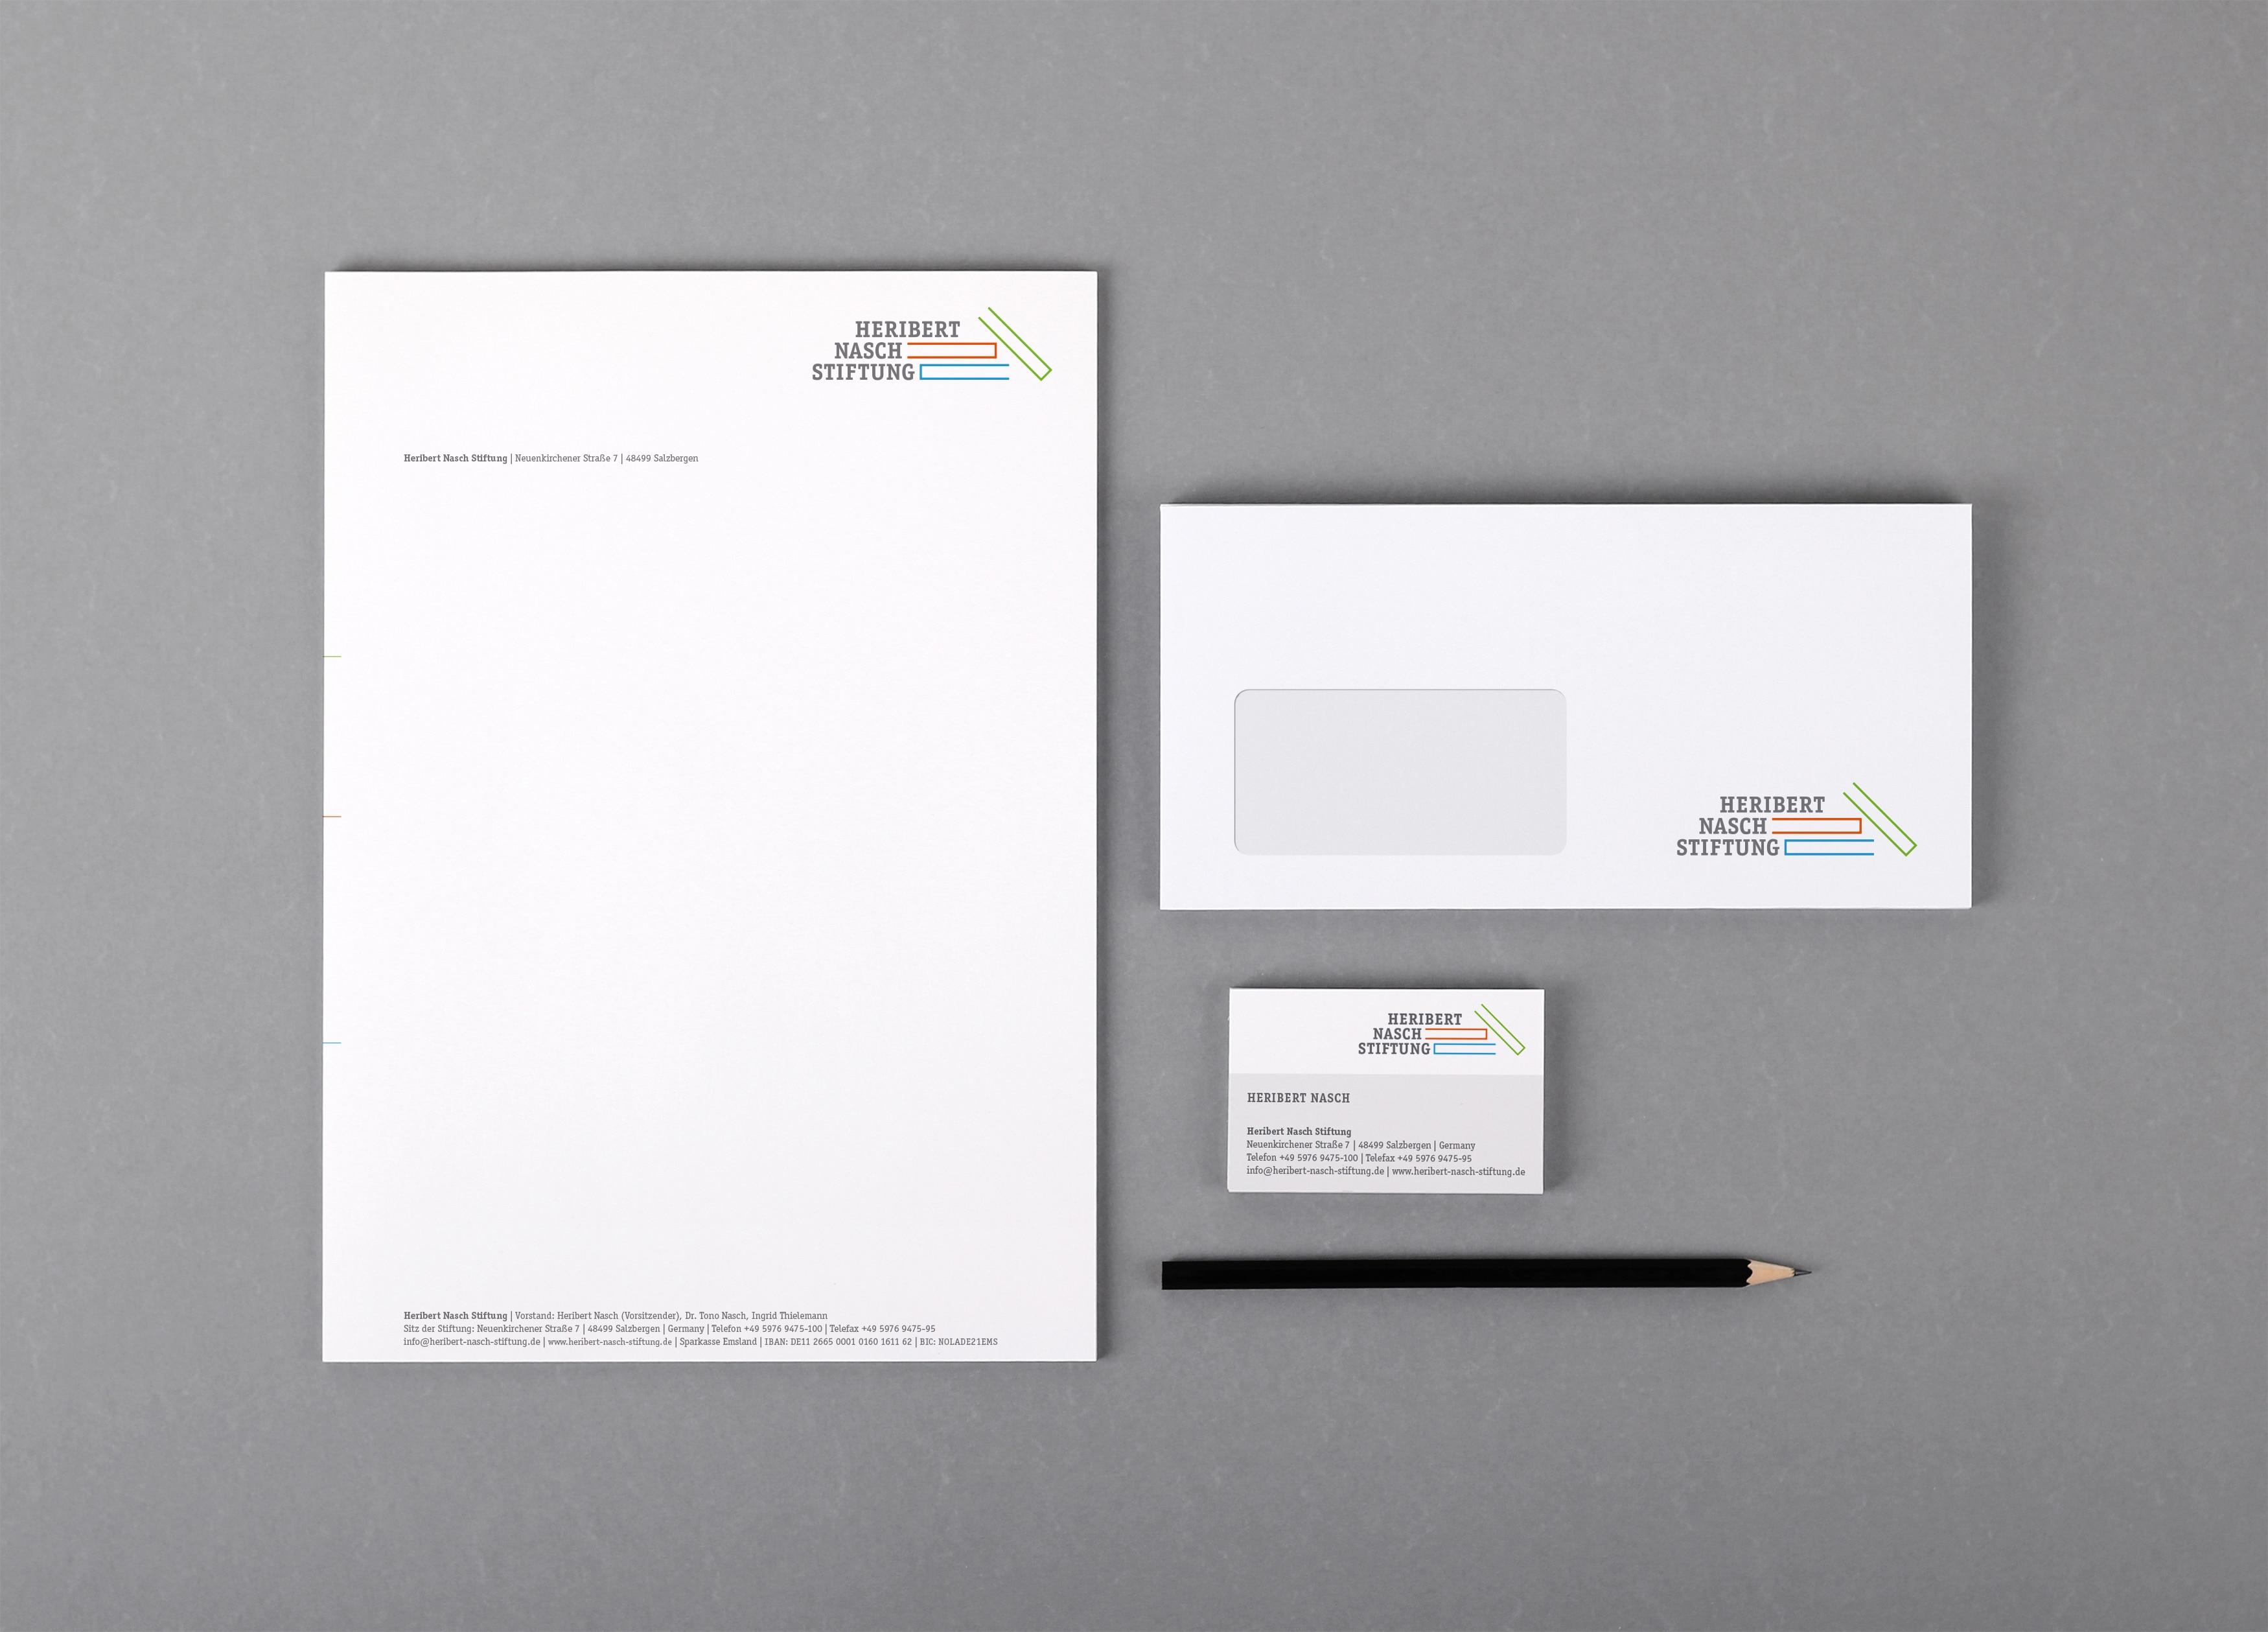 hns cd 03 - Nicht nur Gutes tun, sondern auch das Richtige – Corporate Design, Logoentwicklung, Grafikdesign, Webdesign, Kommunikationsdesign, Branding, Markenentwicklung